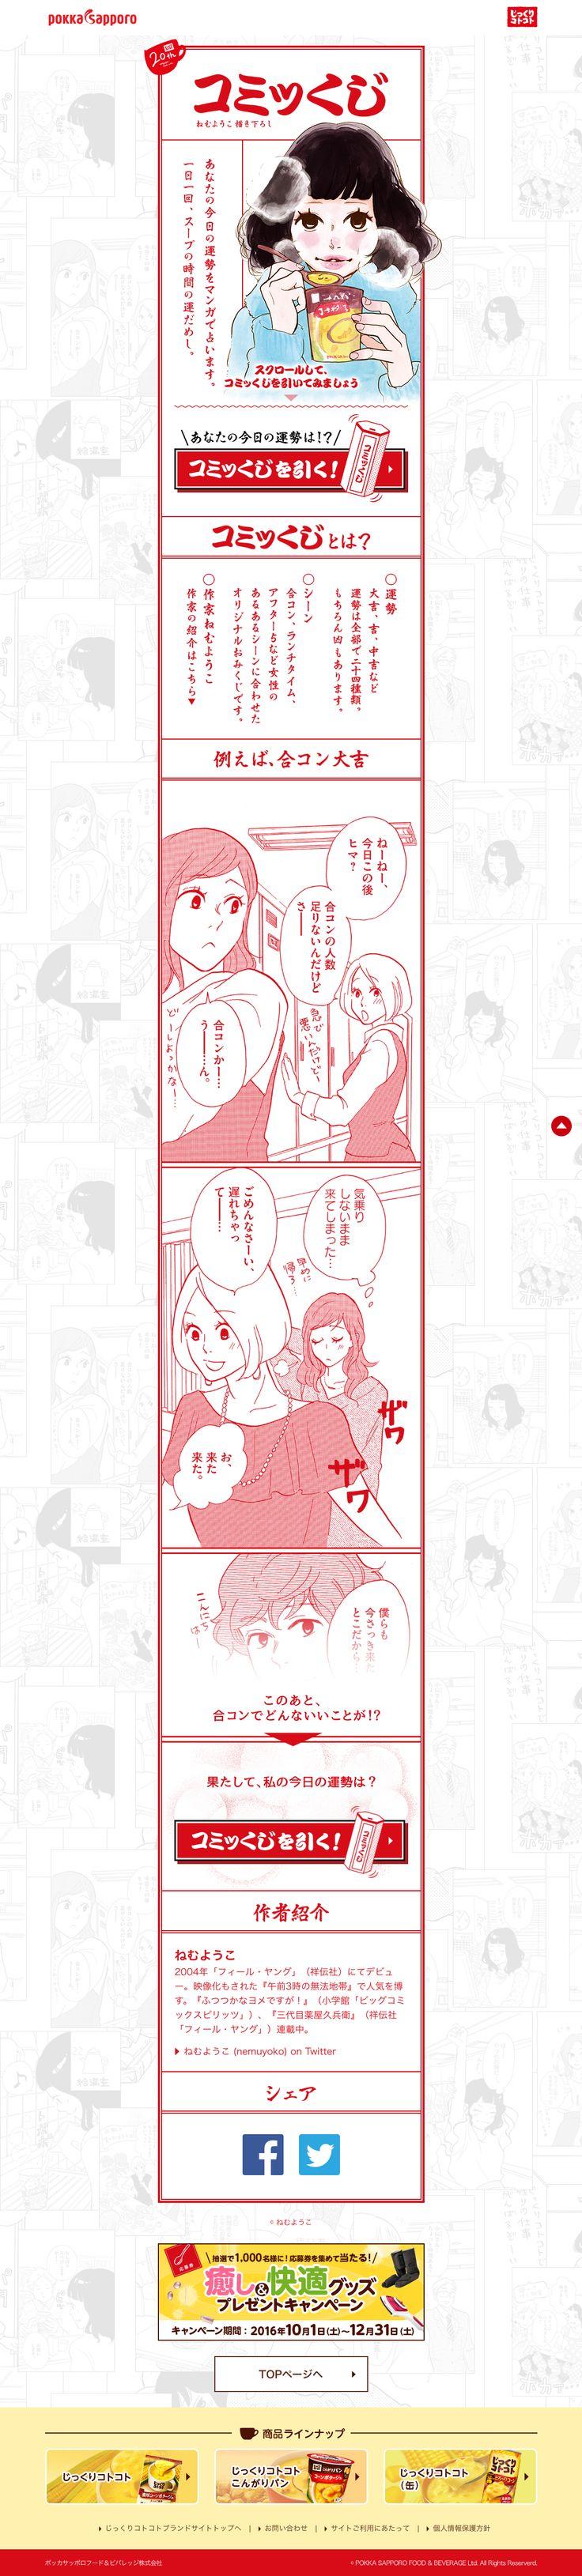 今日の運勢がマンガで読める!コミッくじ LP サイトデザイン ランディングページ http://20th.pokkasapporo-fb.jp/comicji/